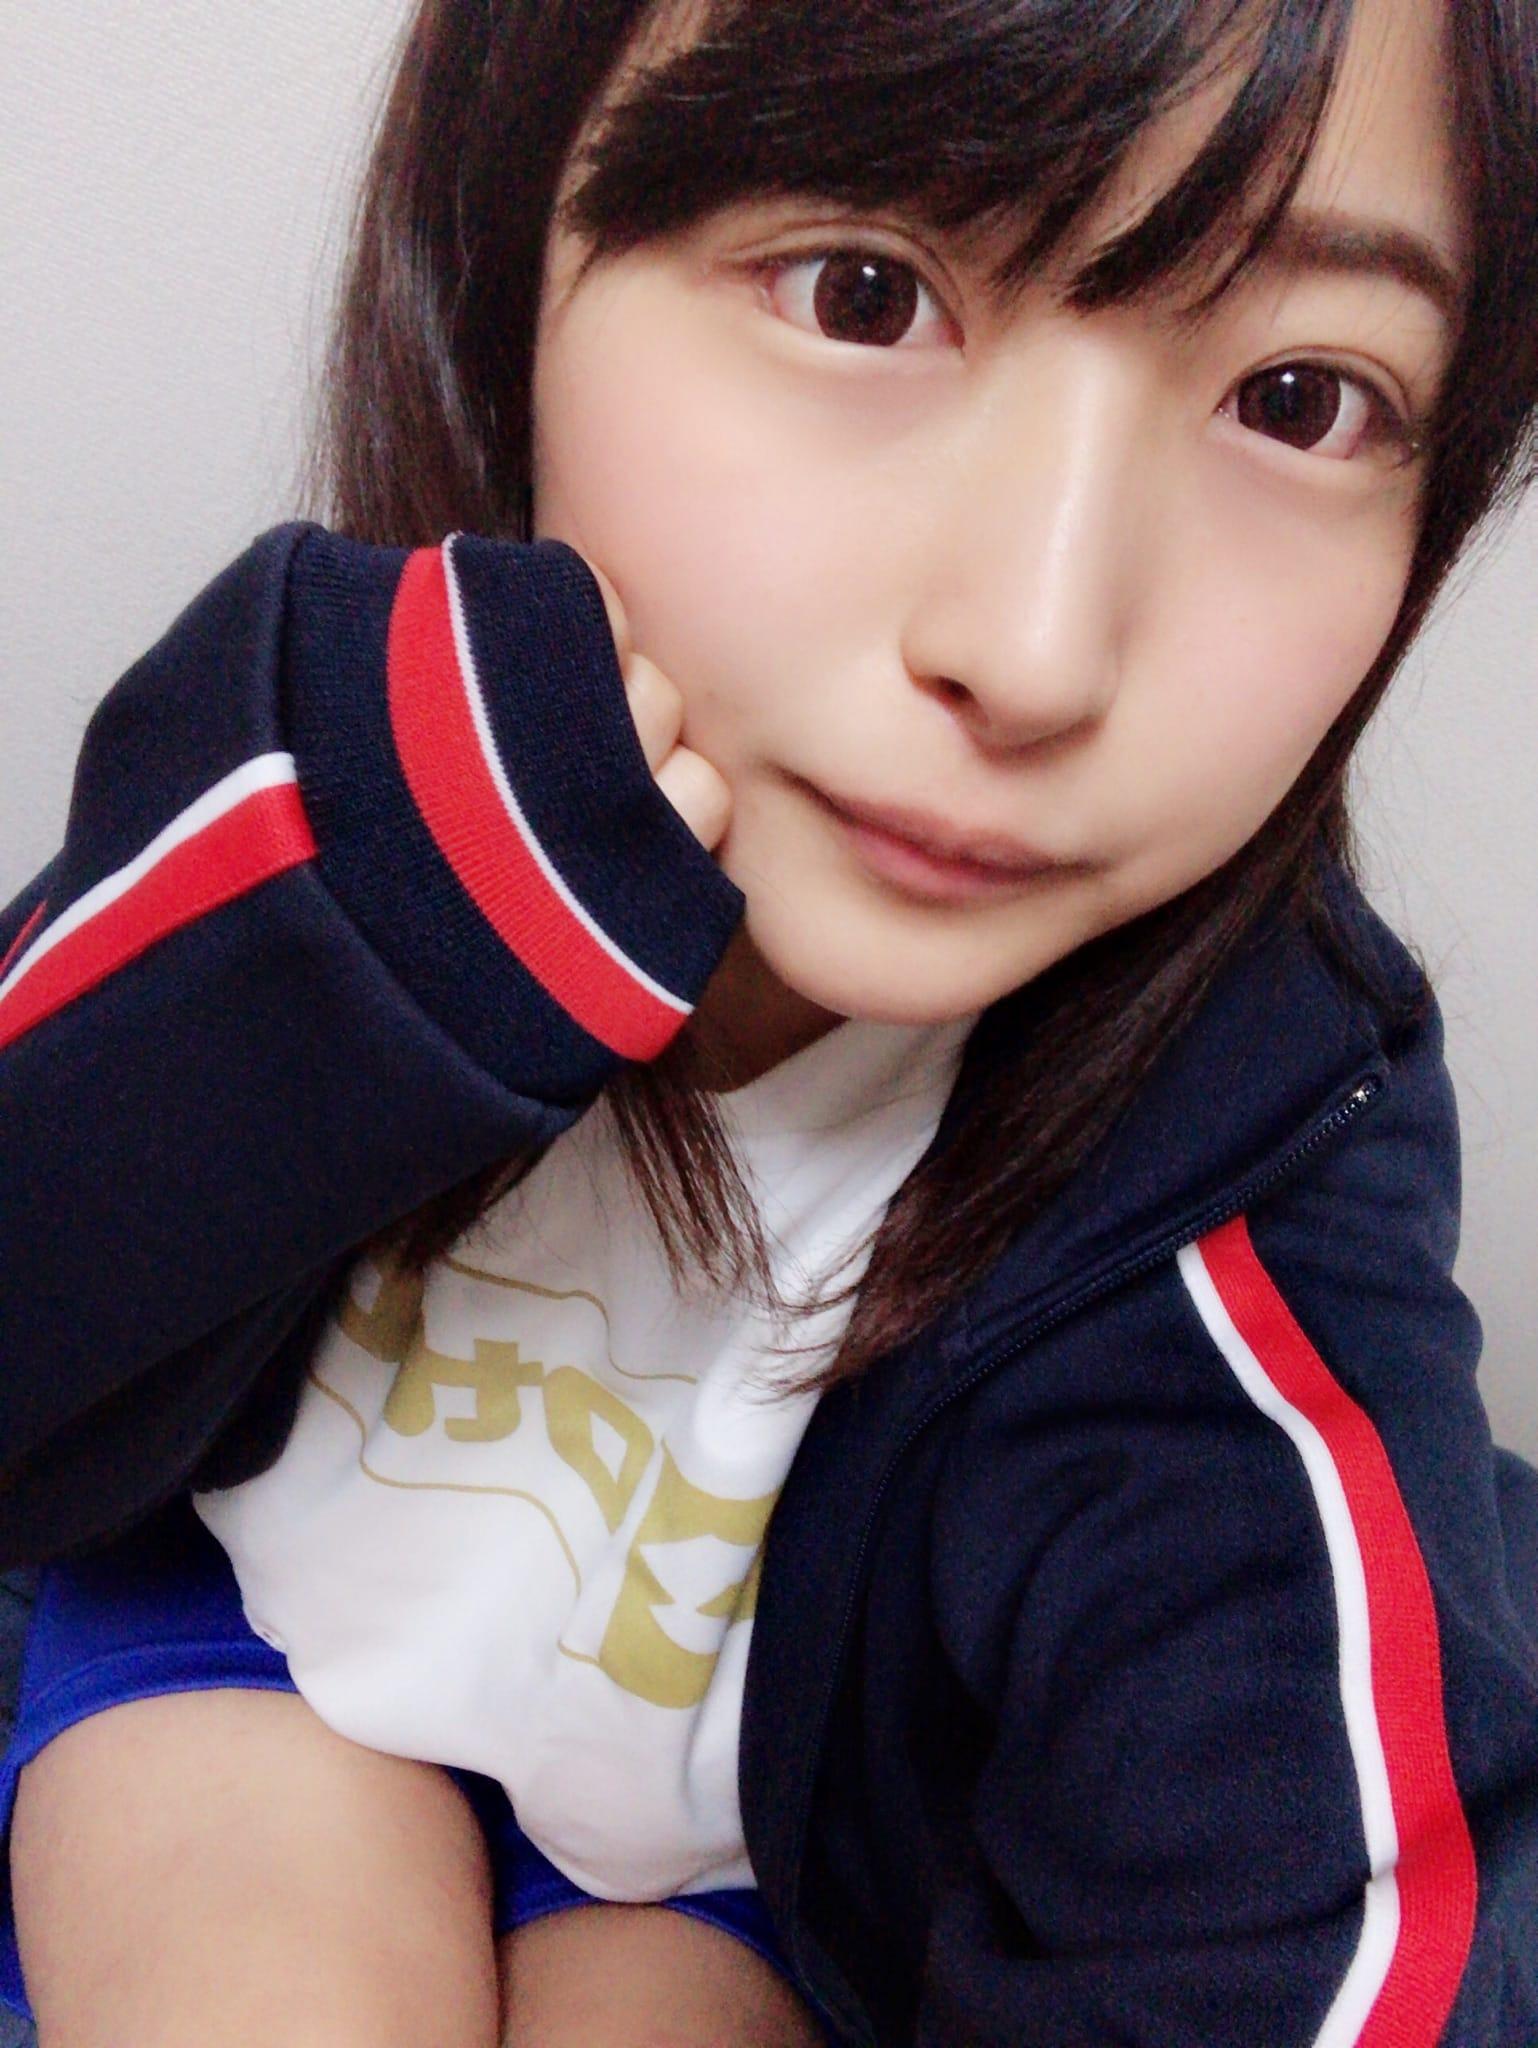 「さむい~」01/14(01/14) 13:02 | キラリの写メ・風俗動画